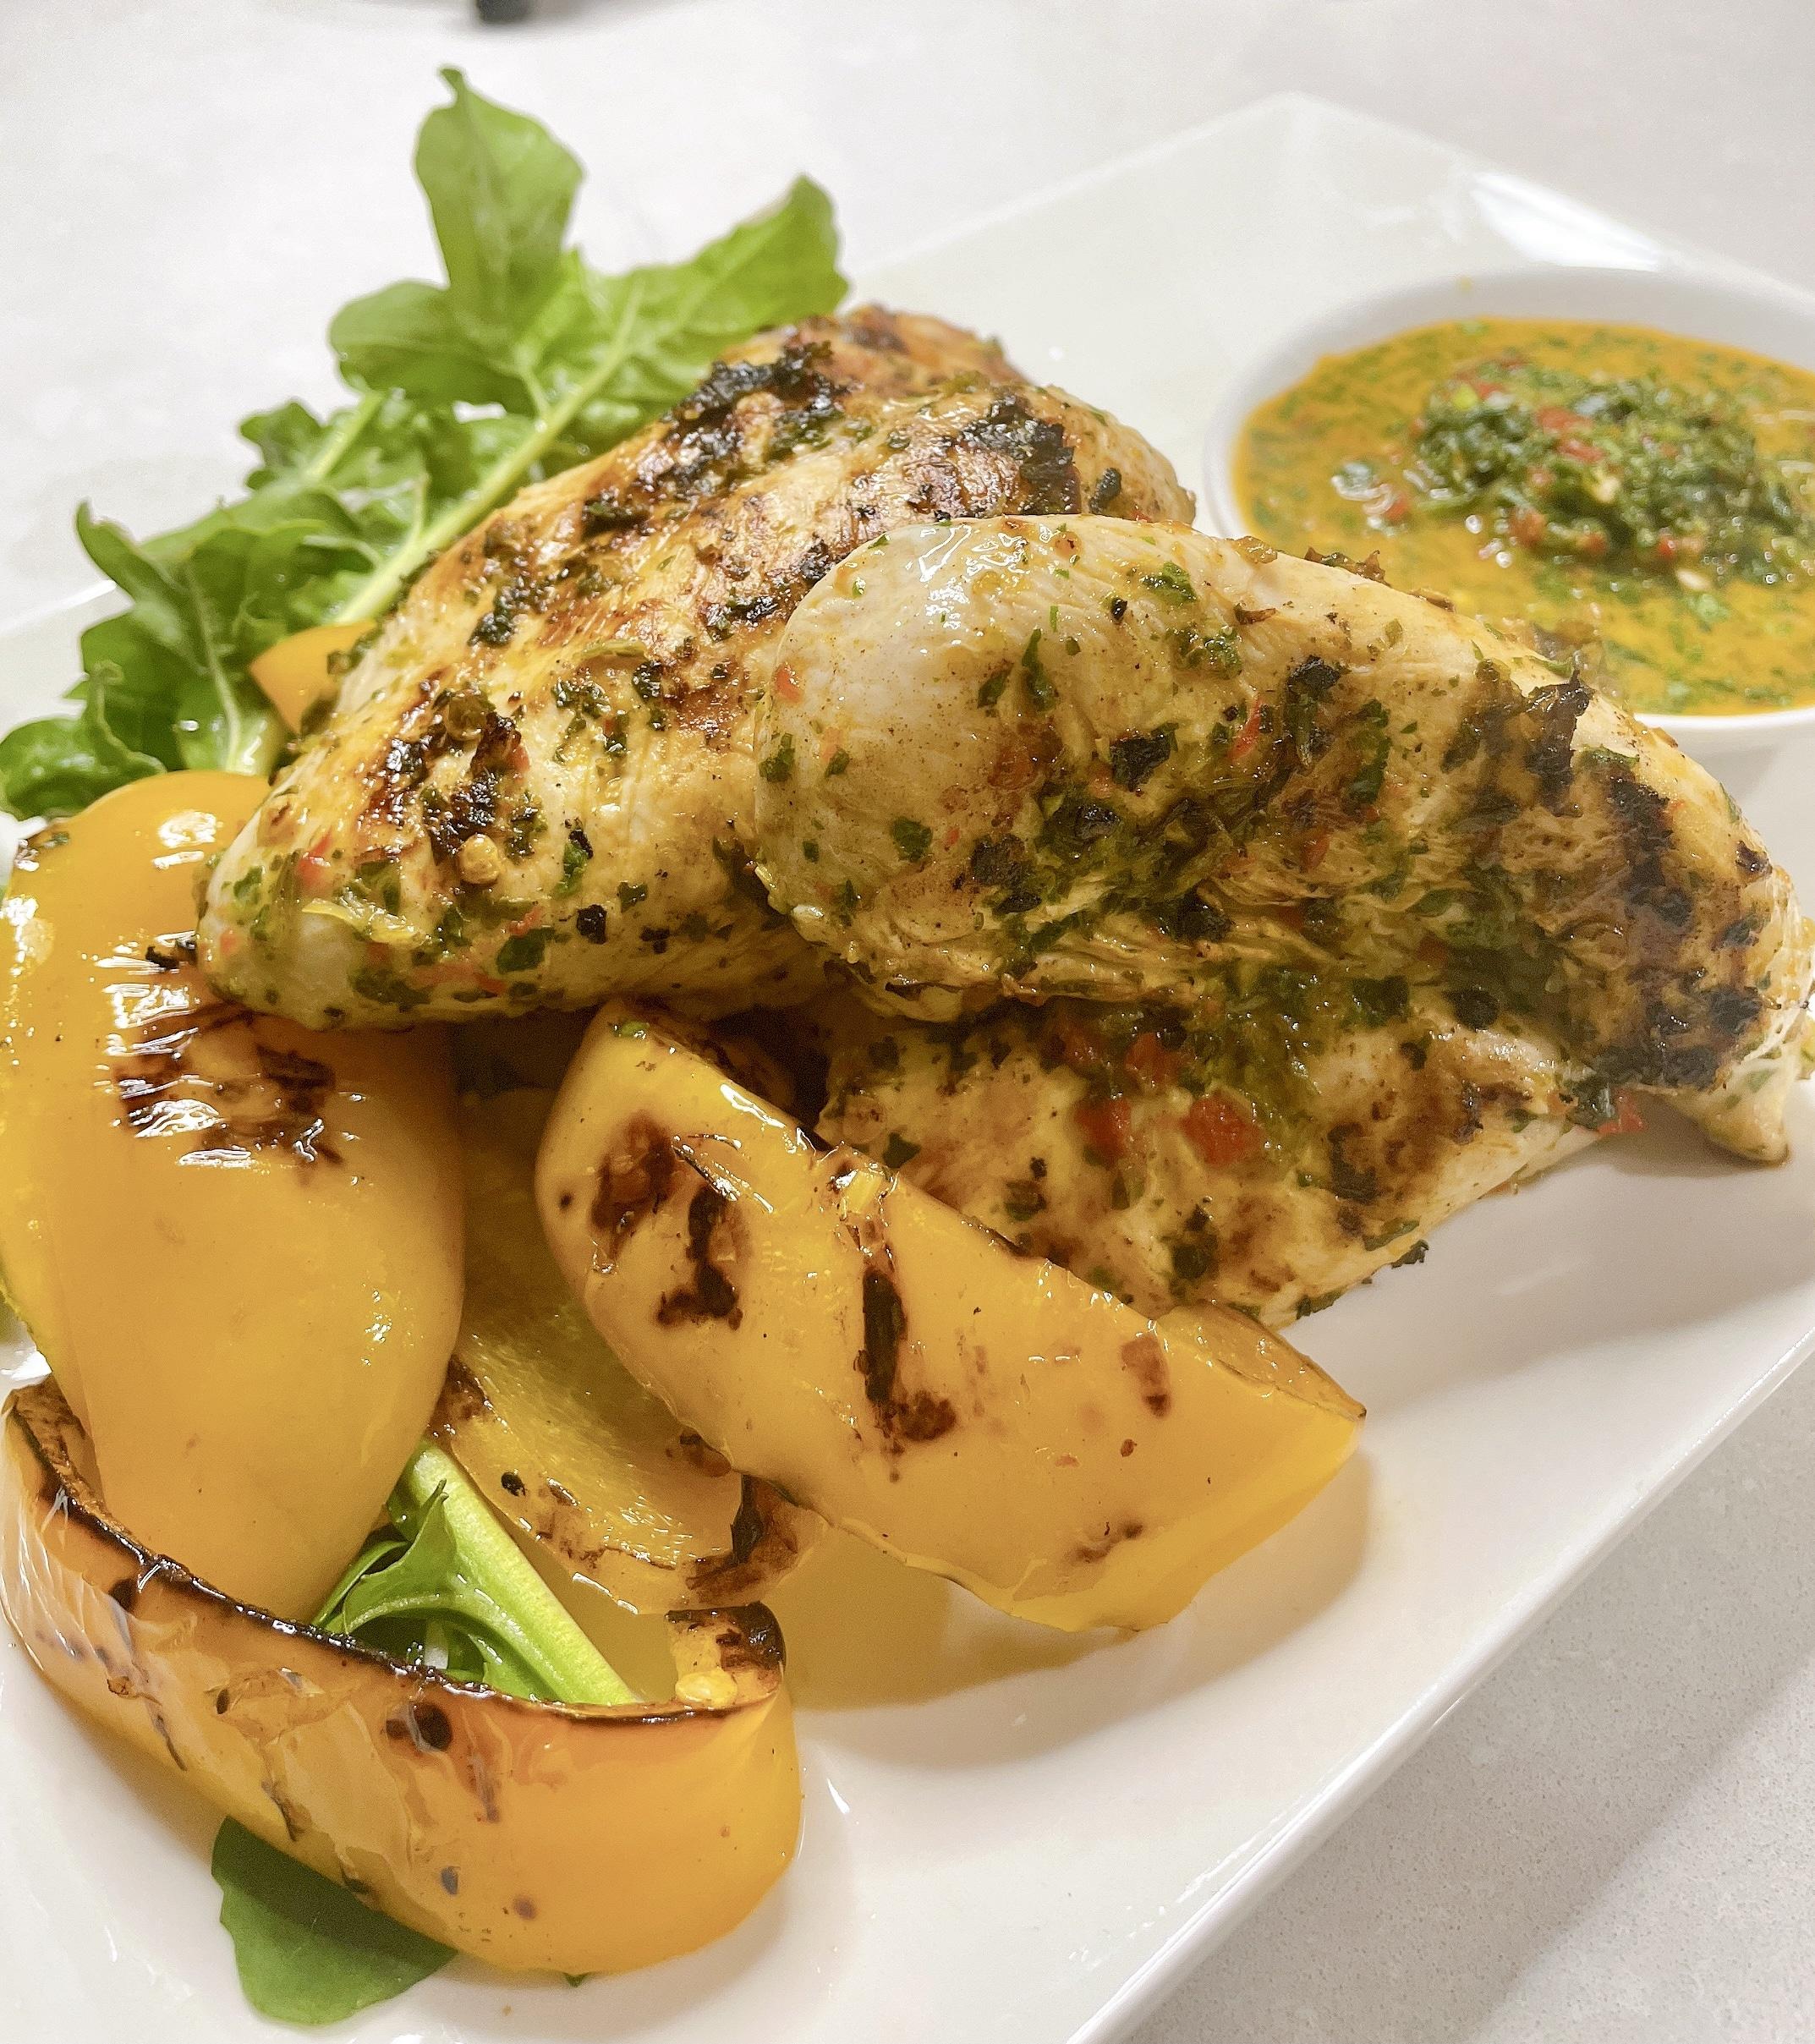 Grilled Chicken with coriander